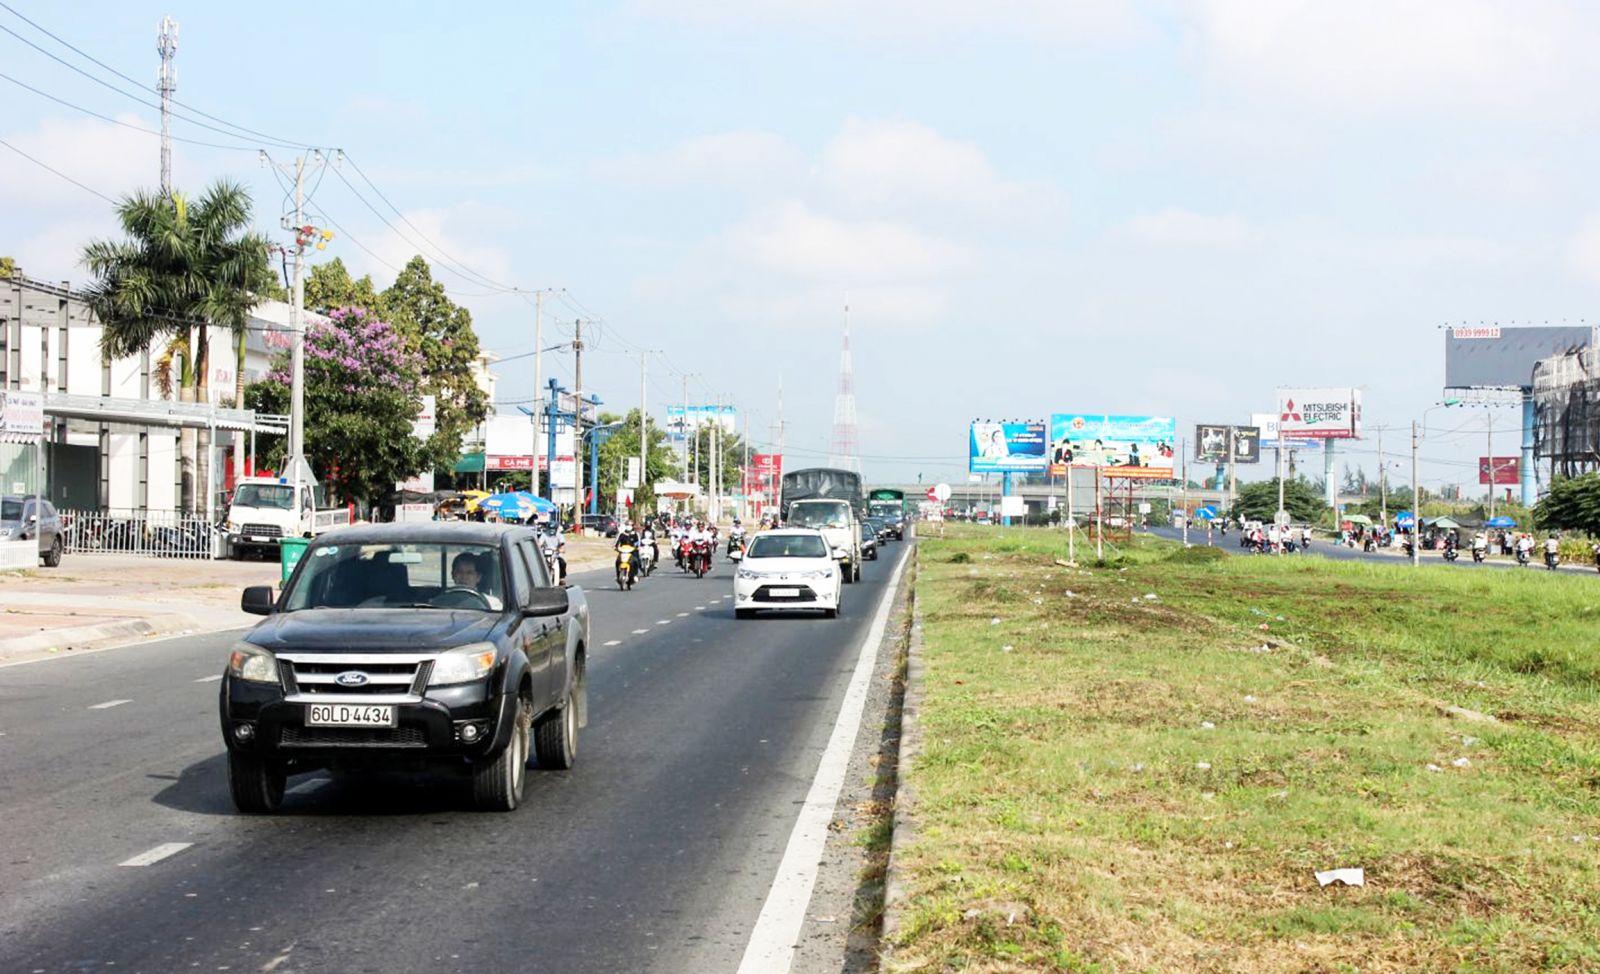 """Quận Cái Răng sẽ triển khai trồng cây xanh trên đất dự trữ đường Quang Trung-Cái Cui tạo mỹ quan và """"điểm nhấn"""" cho khu đô thị Nam Cần Thơ. Ảnh: ANH KHOA"""